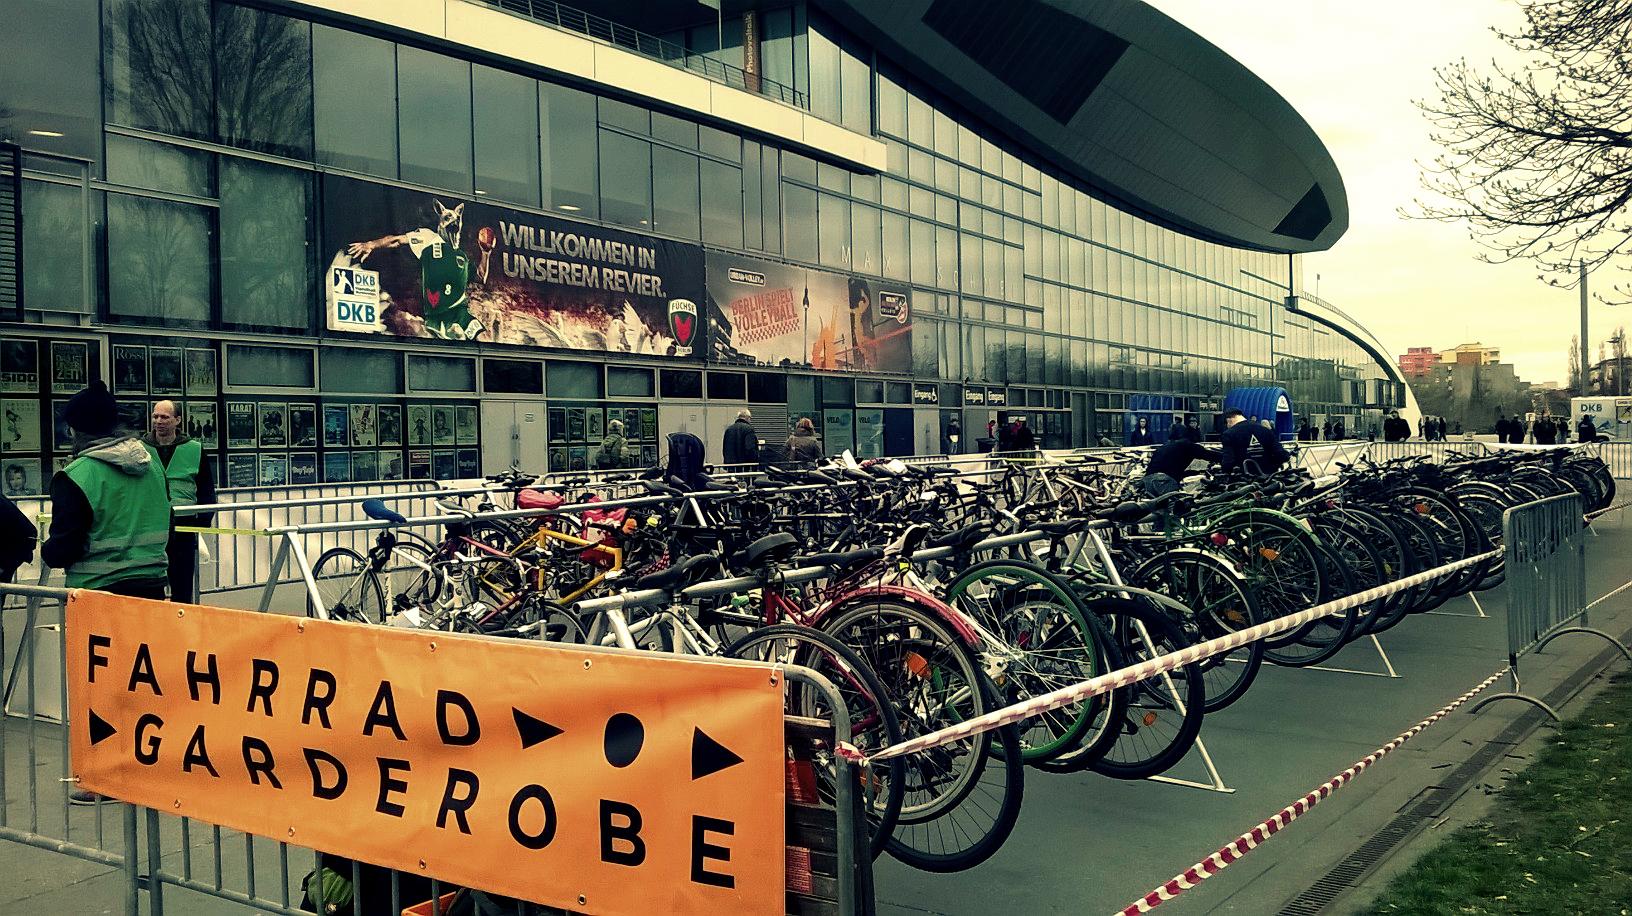 Die FahrradGarderobe vor der Max Schmeling Halle in Berlin 2015